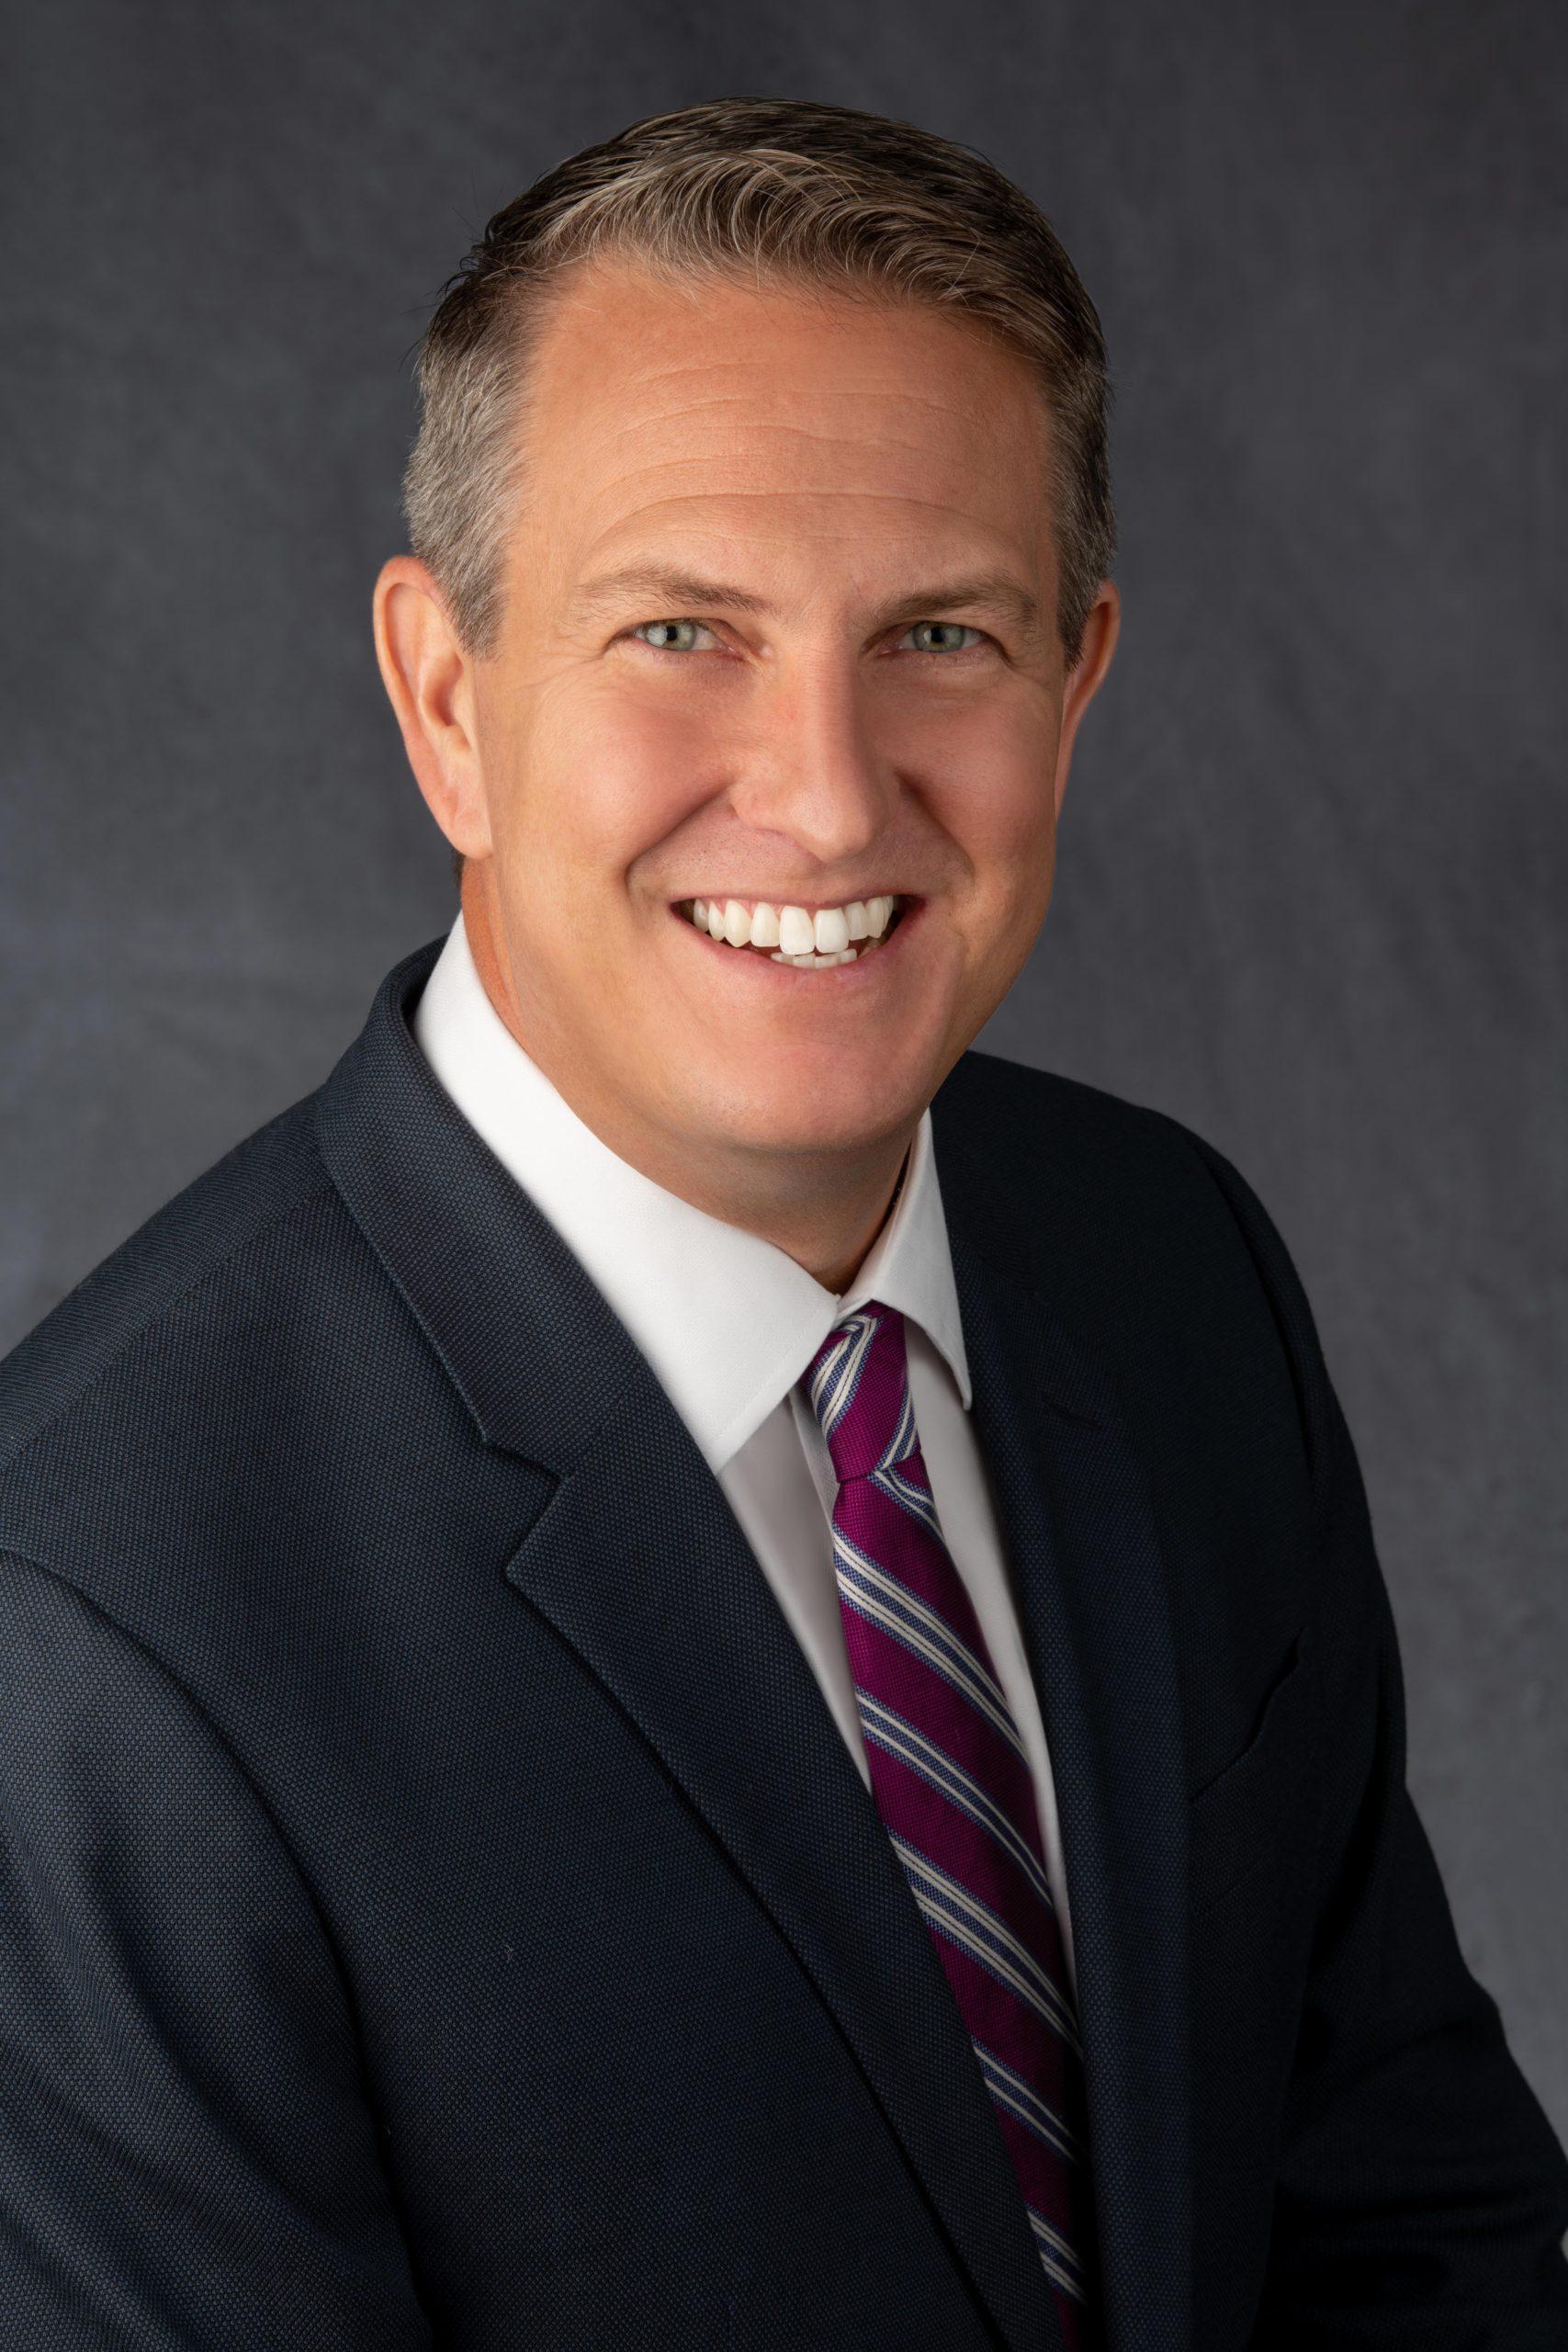 Jeffrey A. Muddell